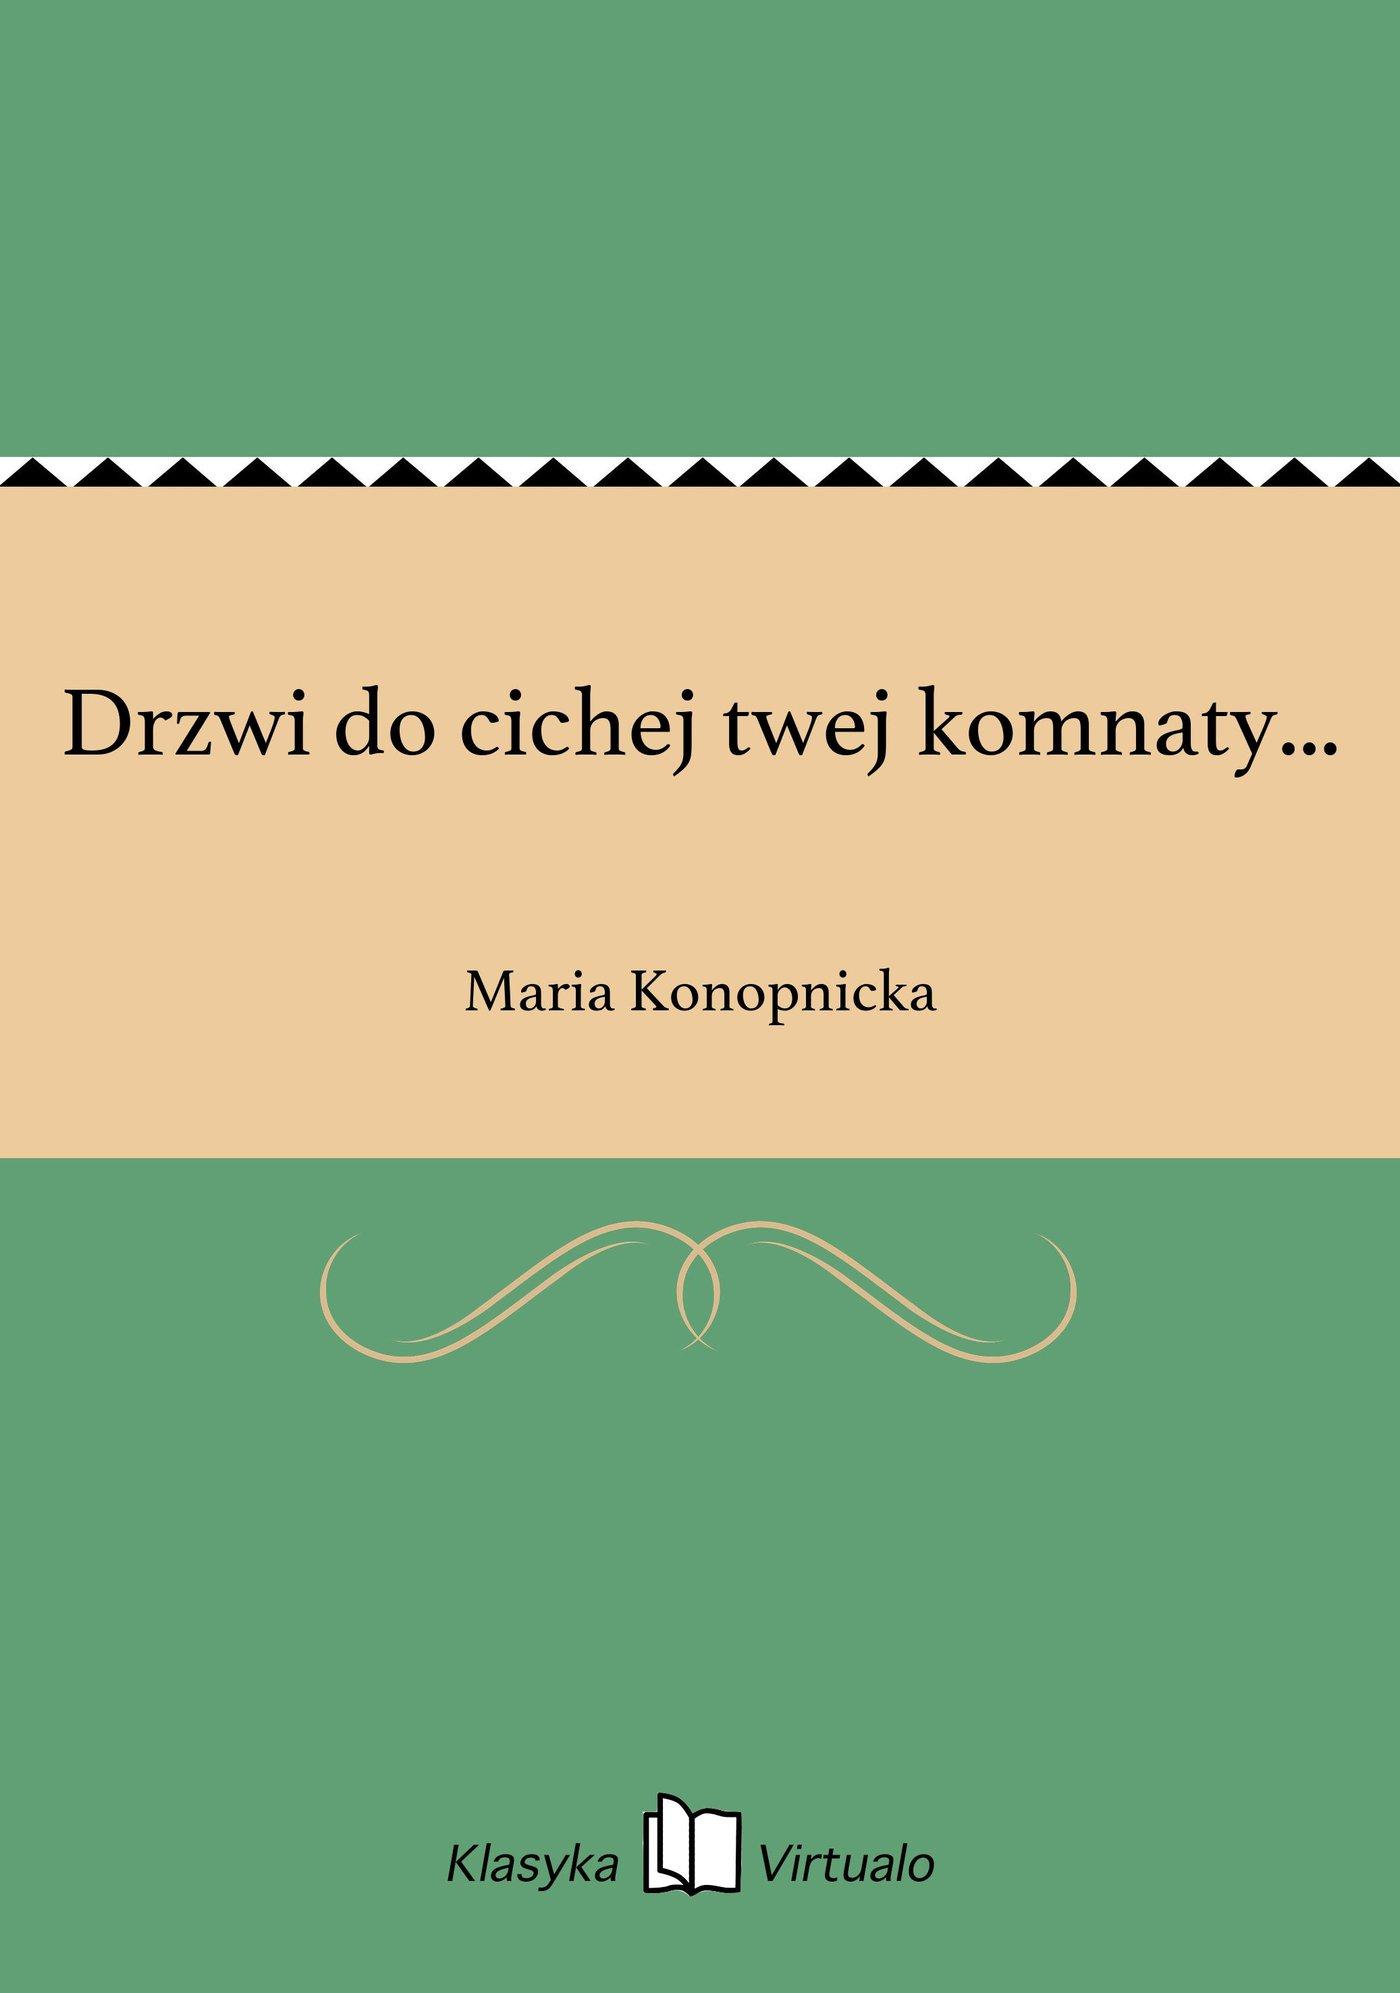 Drzwi do cichej twej komnaty... - Ebook (Książka na Kindle) do pobrania w formacie MOBI